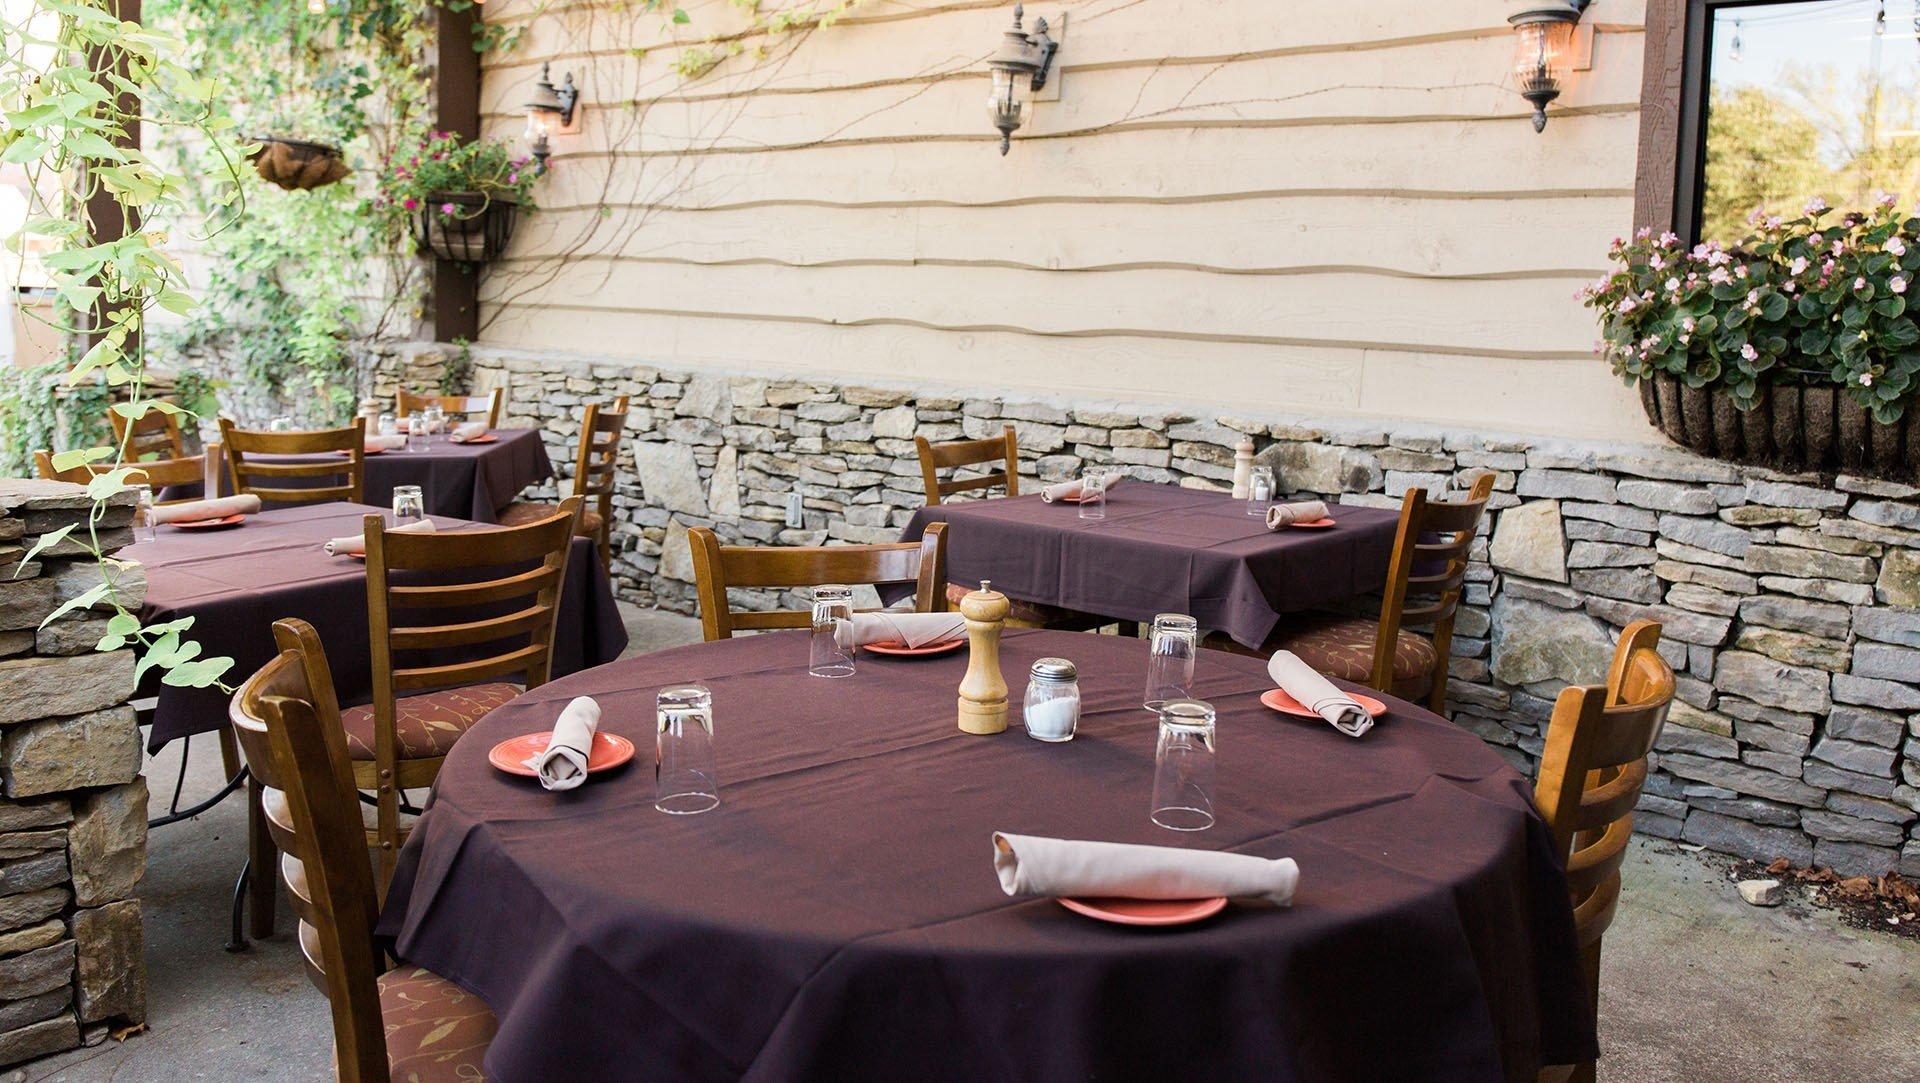 Biga Italian Restaurant